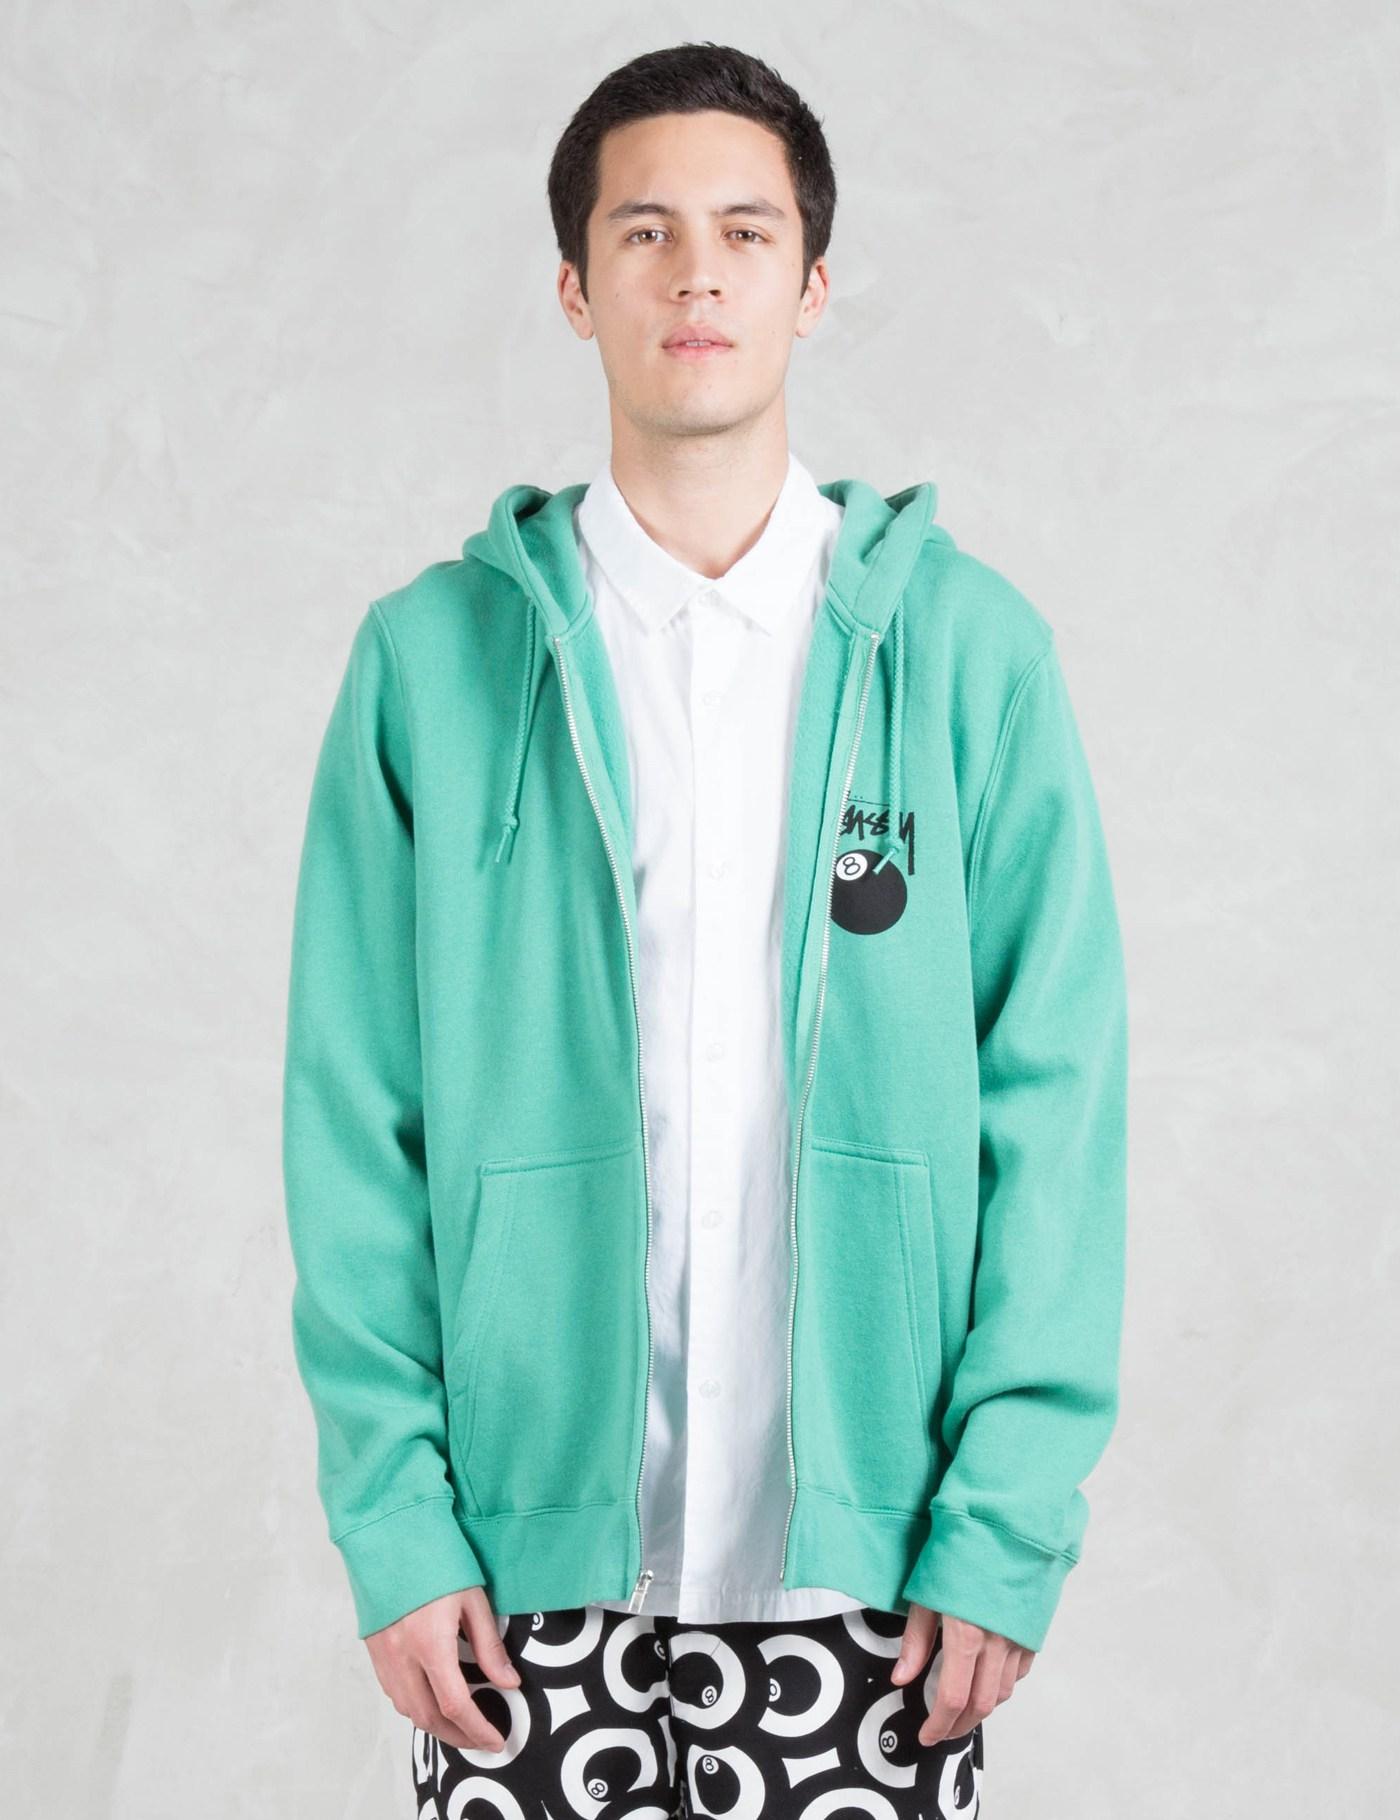 Filipino hoodie